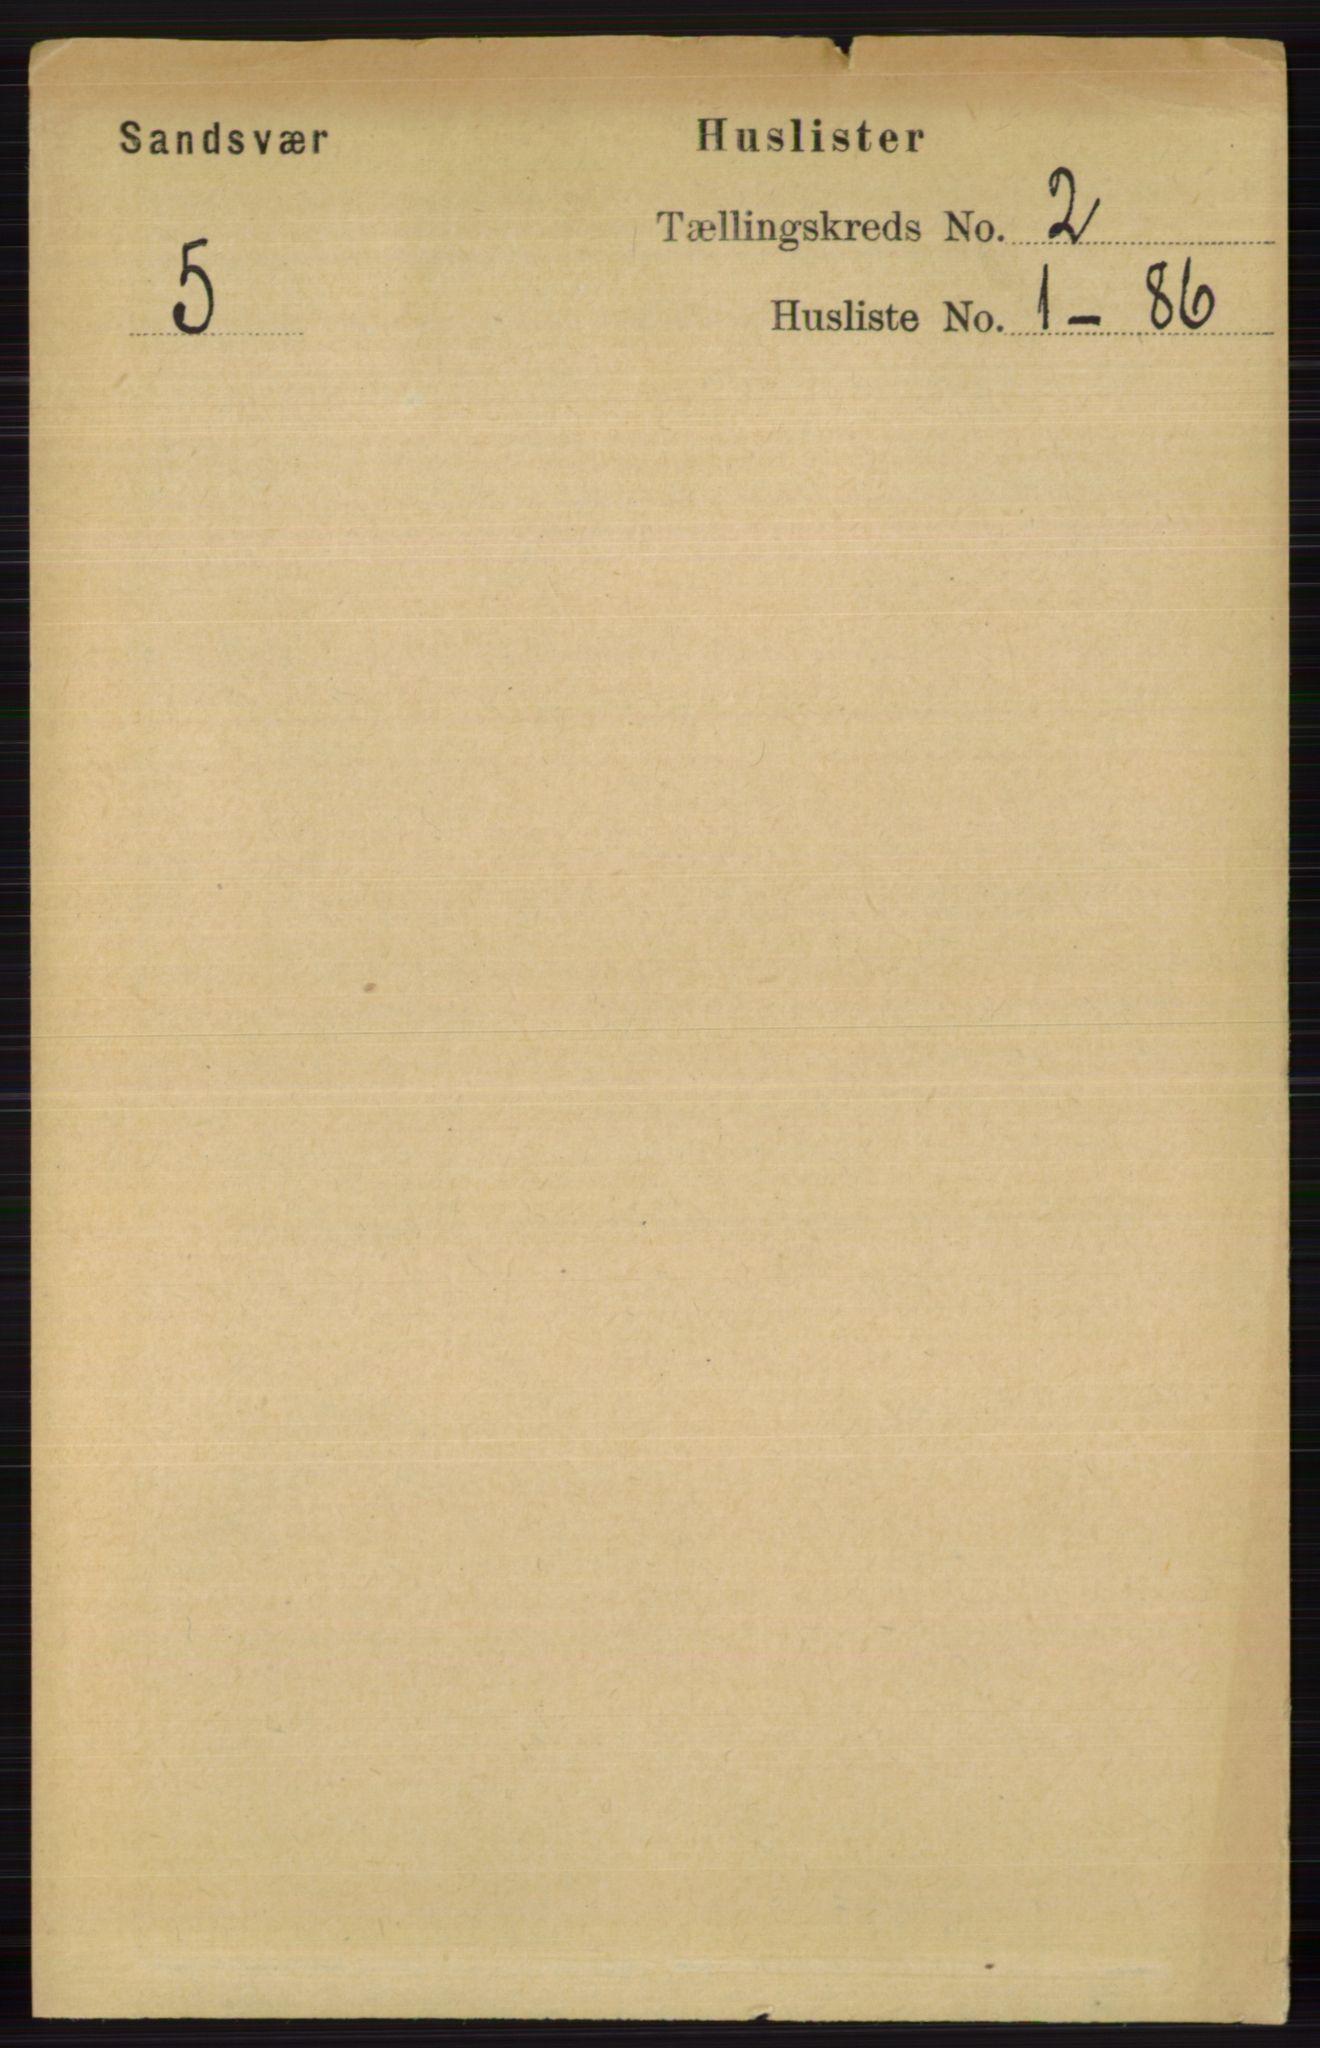 RA, Folketelling 1891 for 0629 Sandsvær herred, 1891, s. 591